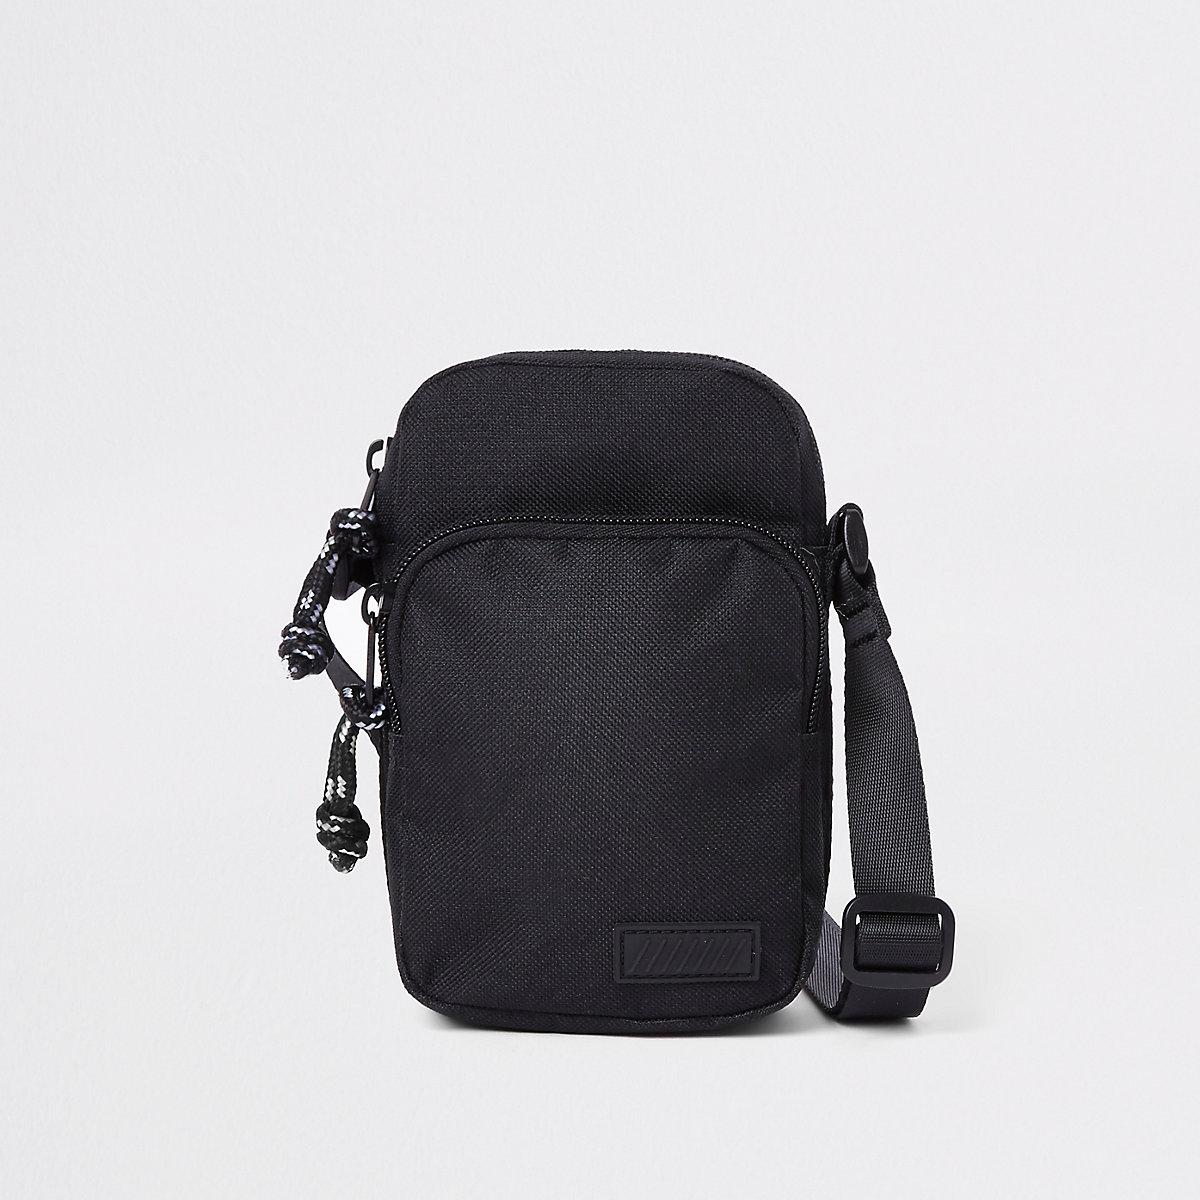 Black mini cross body flight pouch